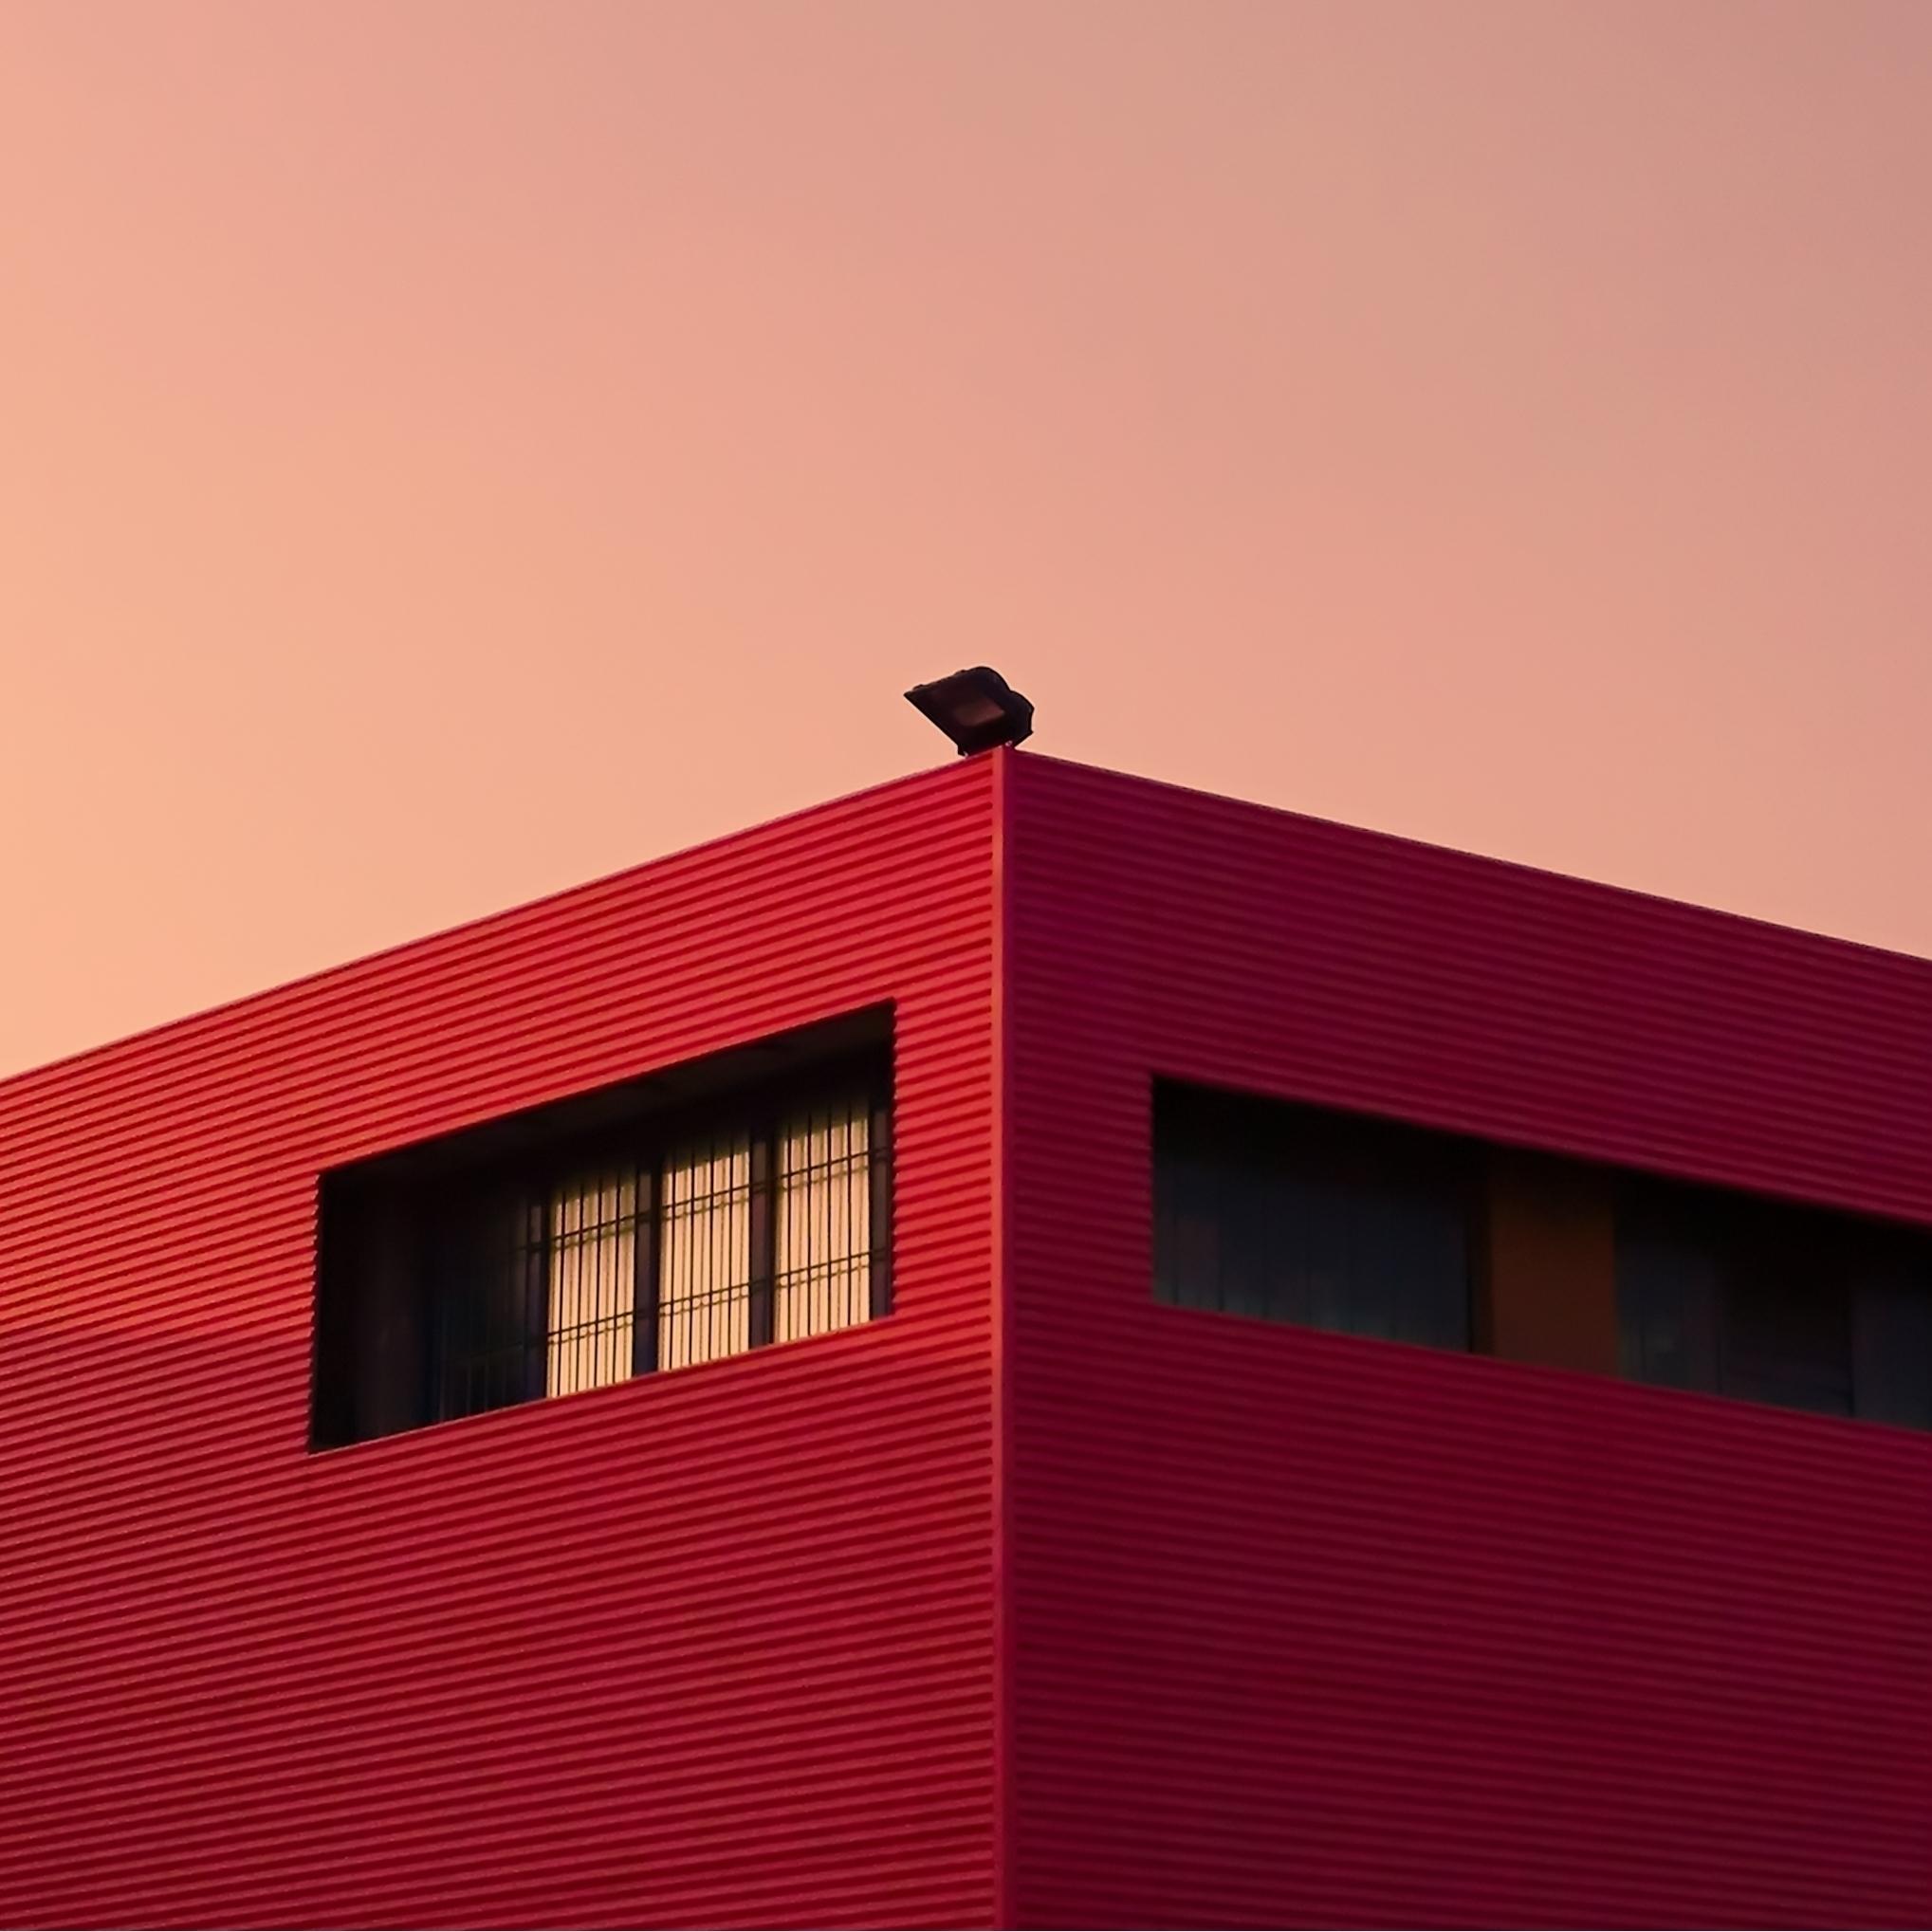 Photography Fabio Catanzaro Sub - noicemag | ello